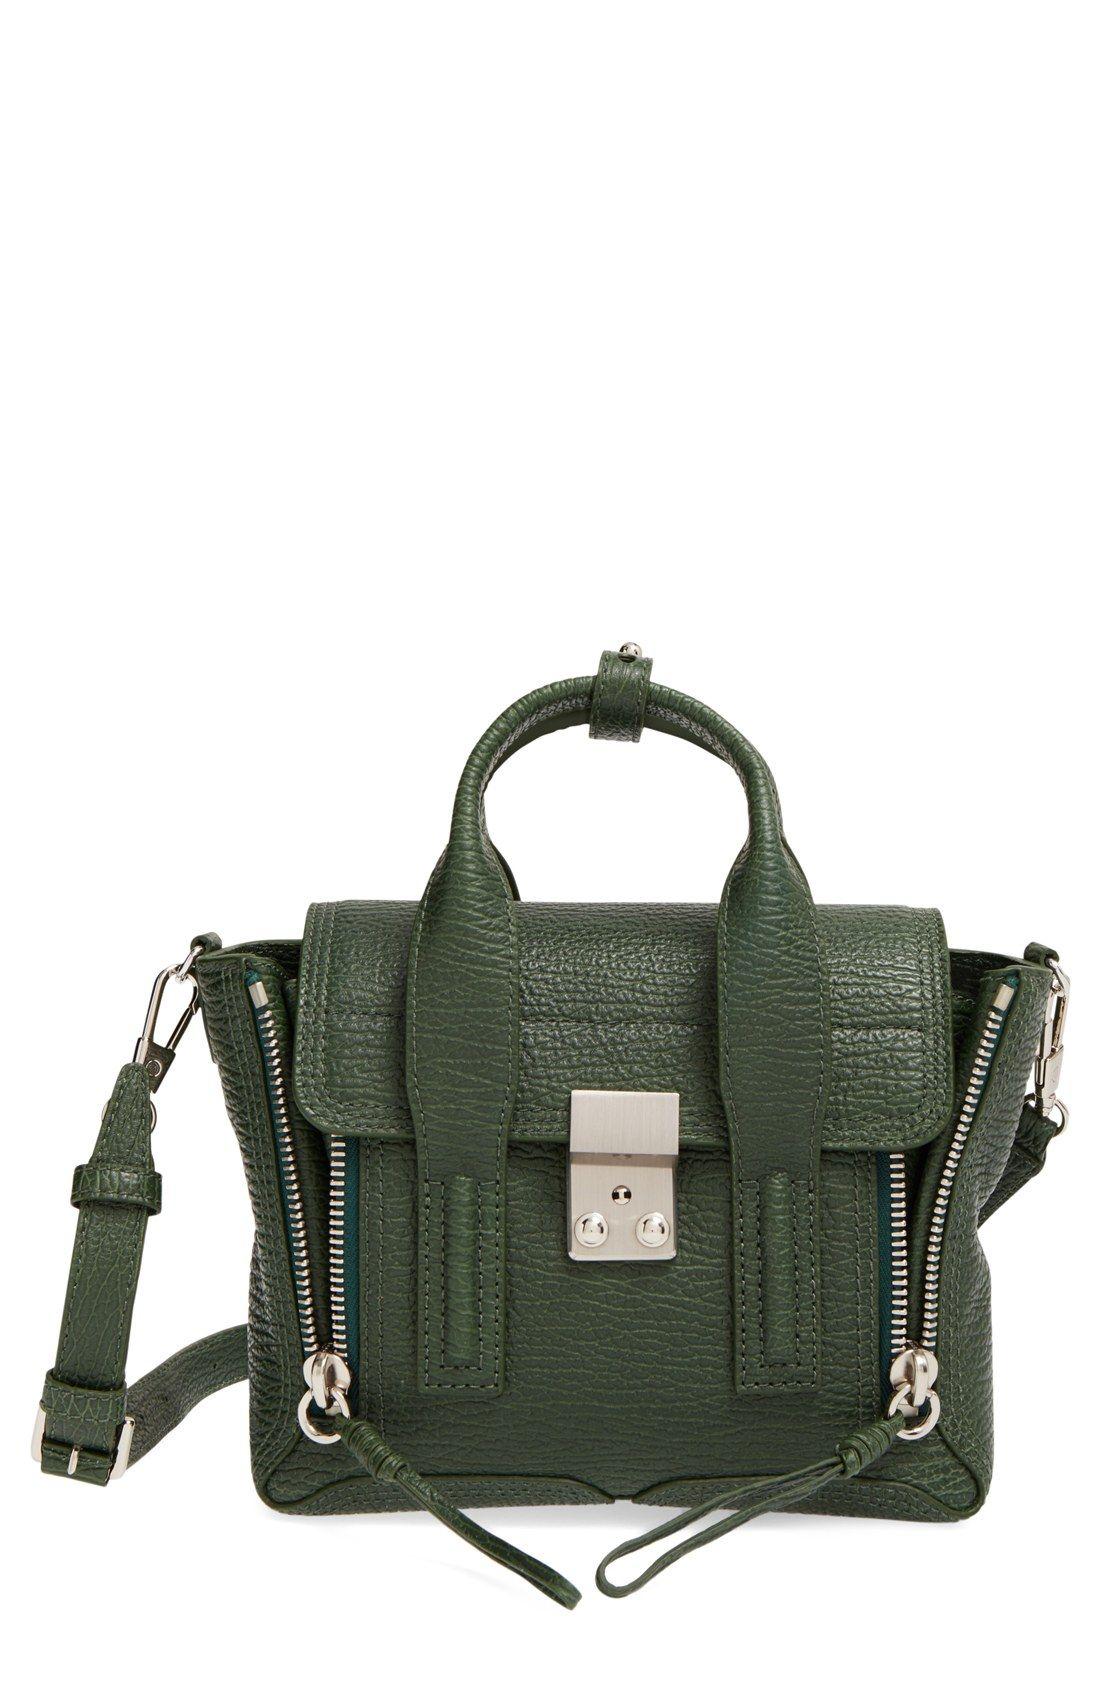 d52a52130bd68 3.1 Phillip Lim  Mini Pashli  Leather Satchel